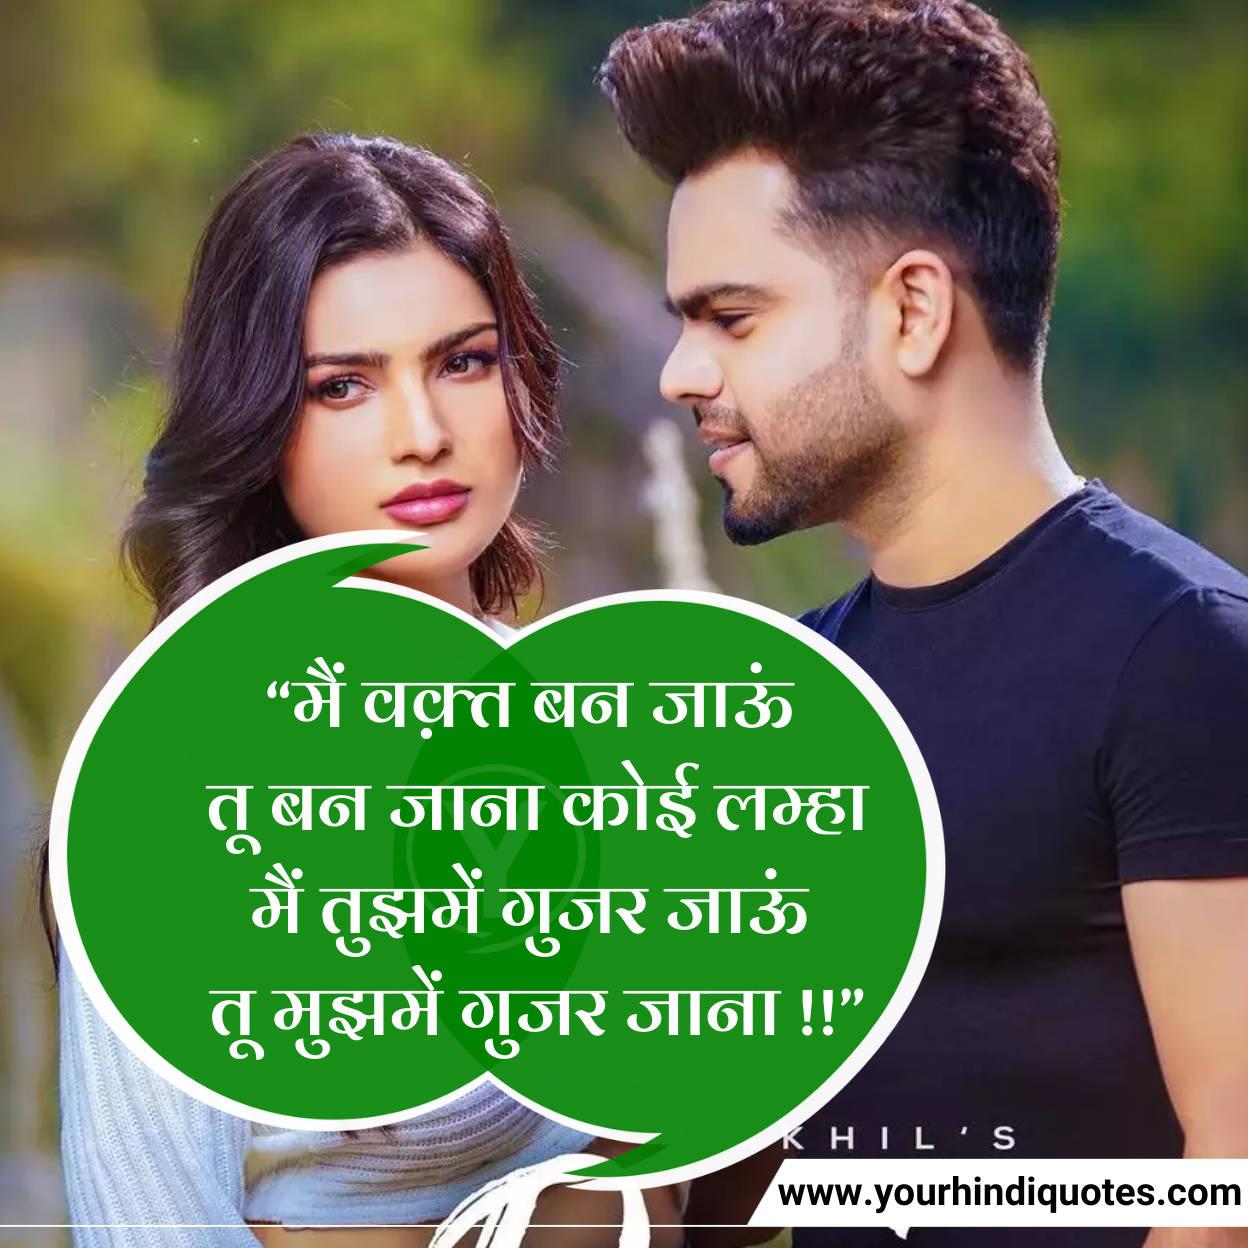 Pyar Ki Status Hindi Images